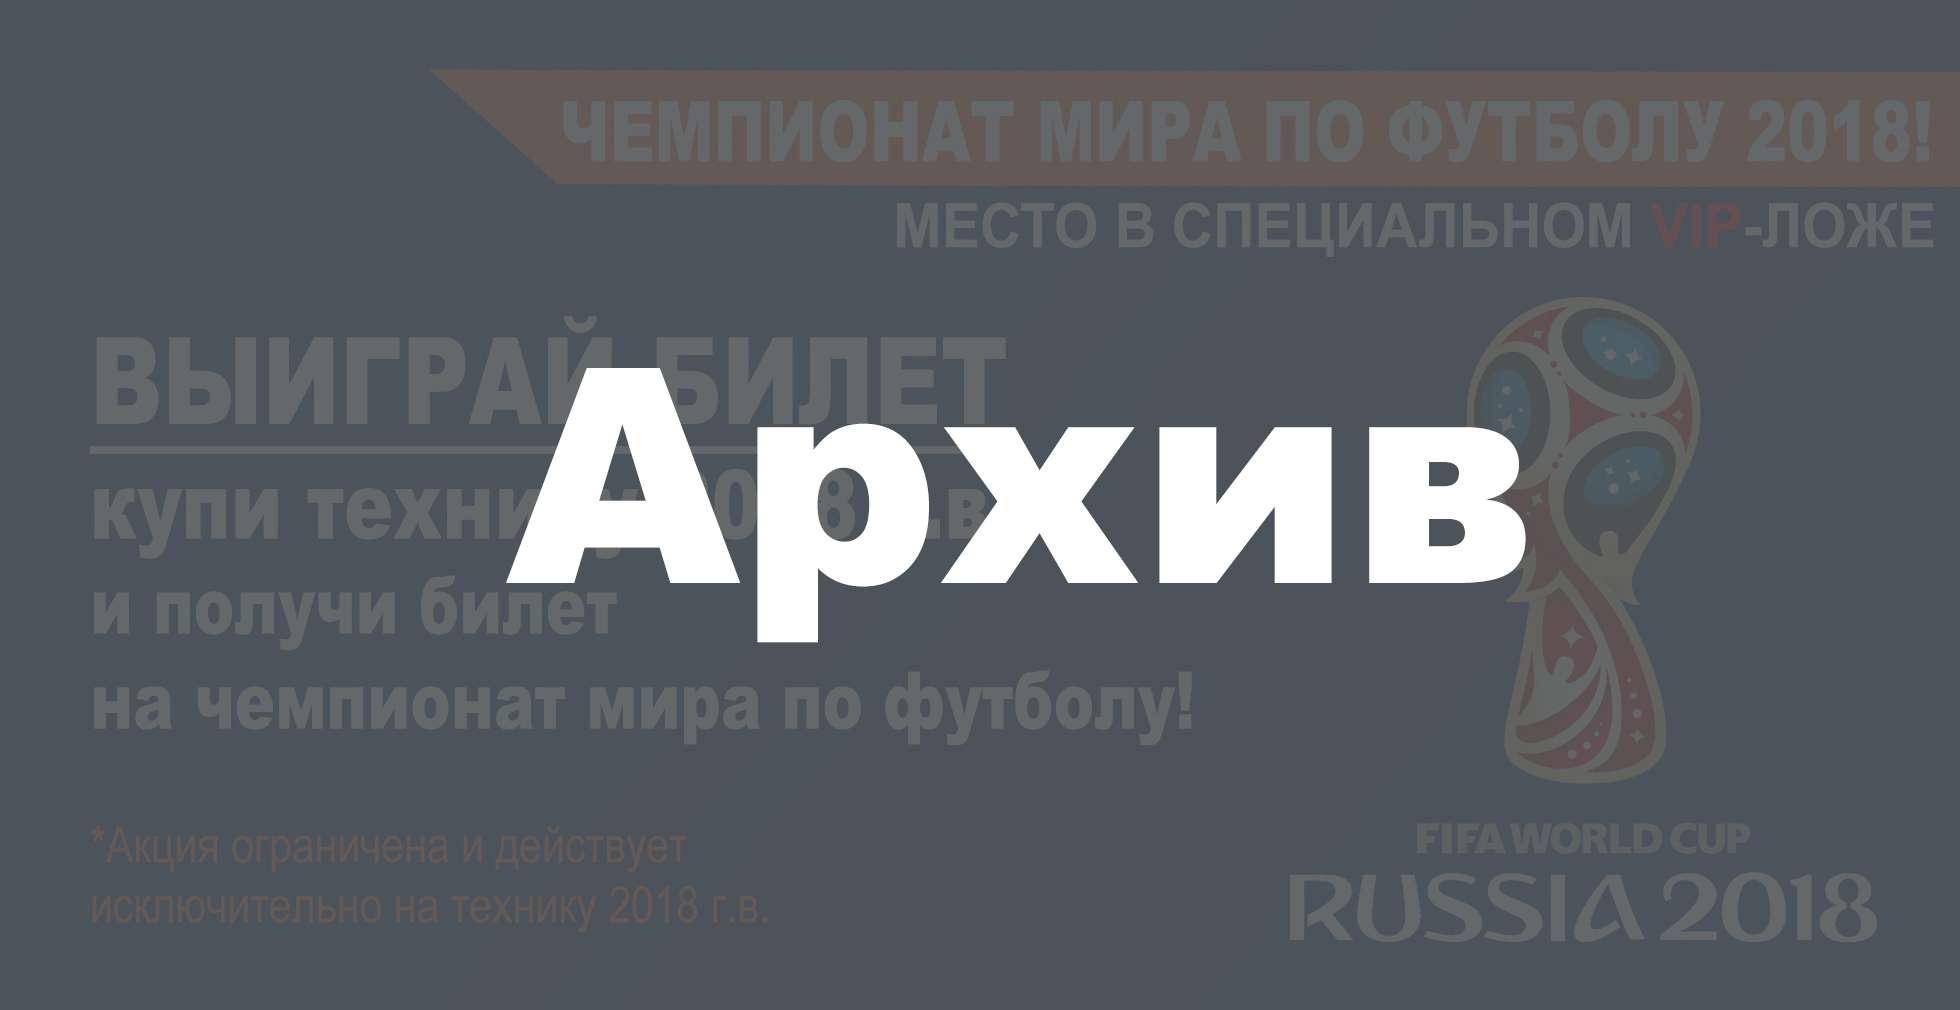 Шаблон-iugong-акции-на-главную-ЧМ-2018-11